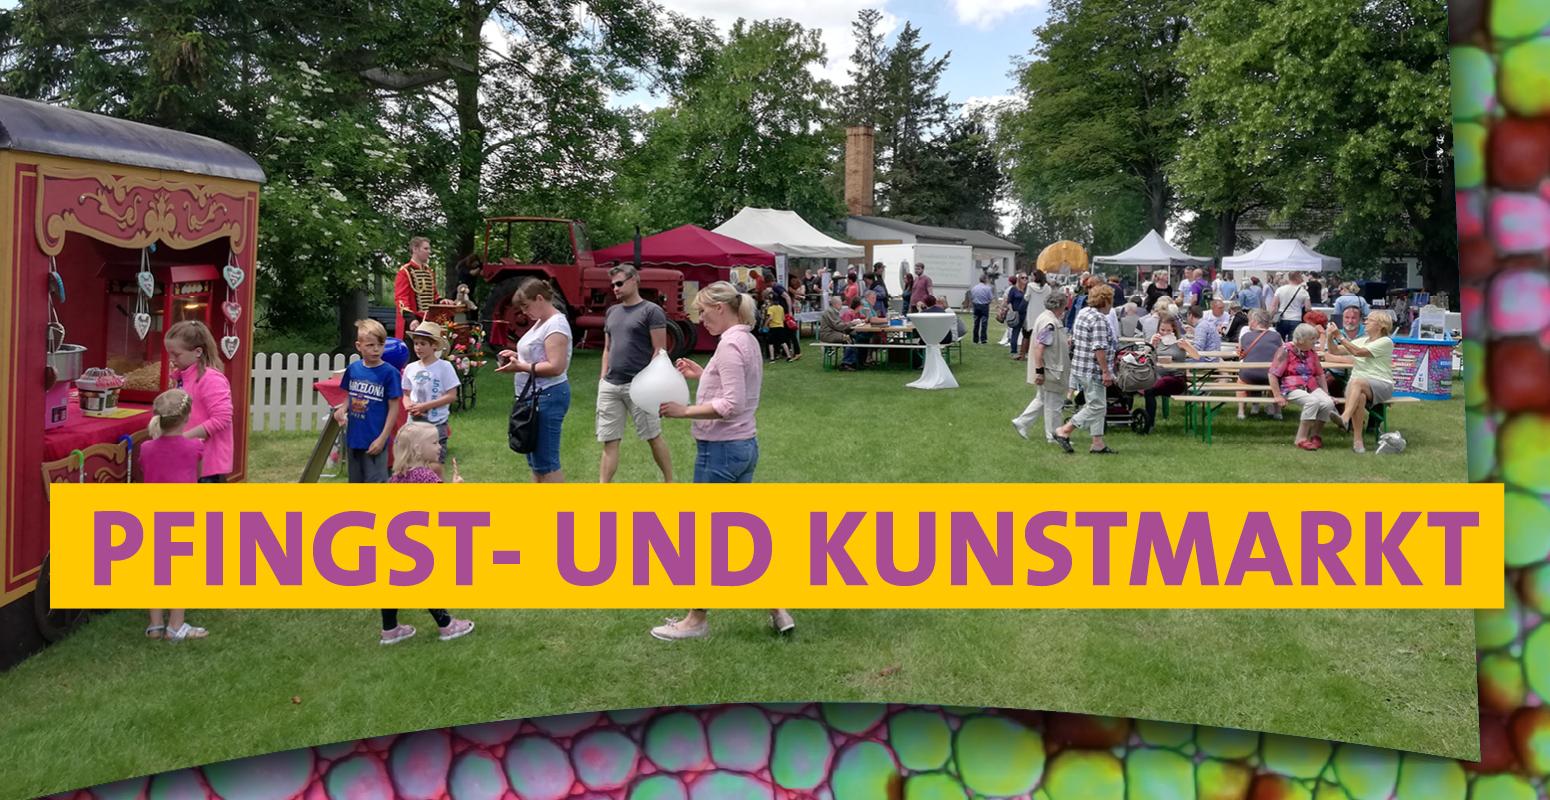 Pfingst- und Kunstmarkt